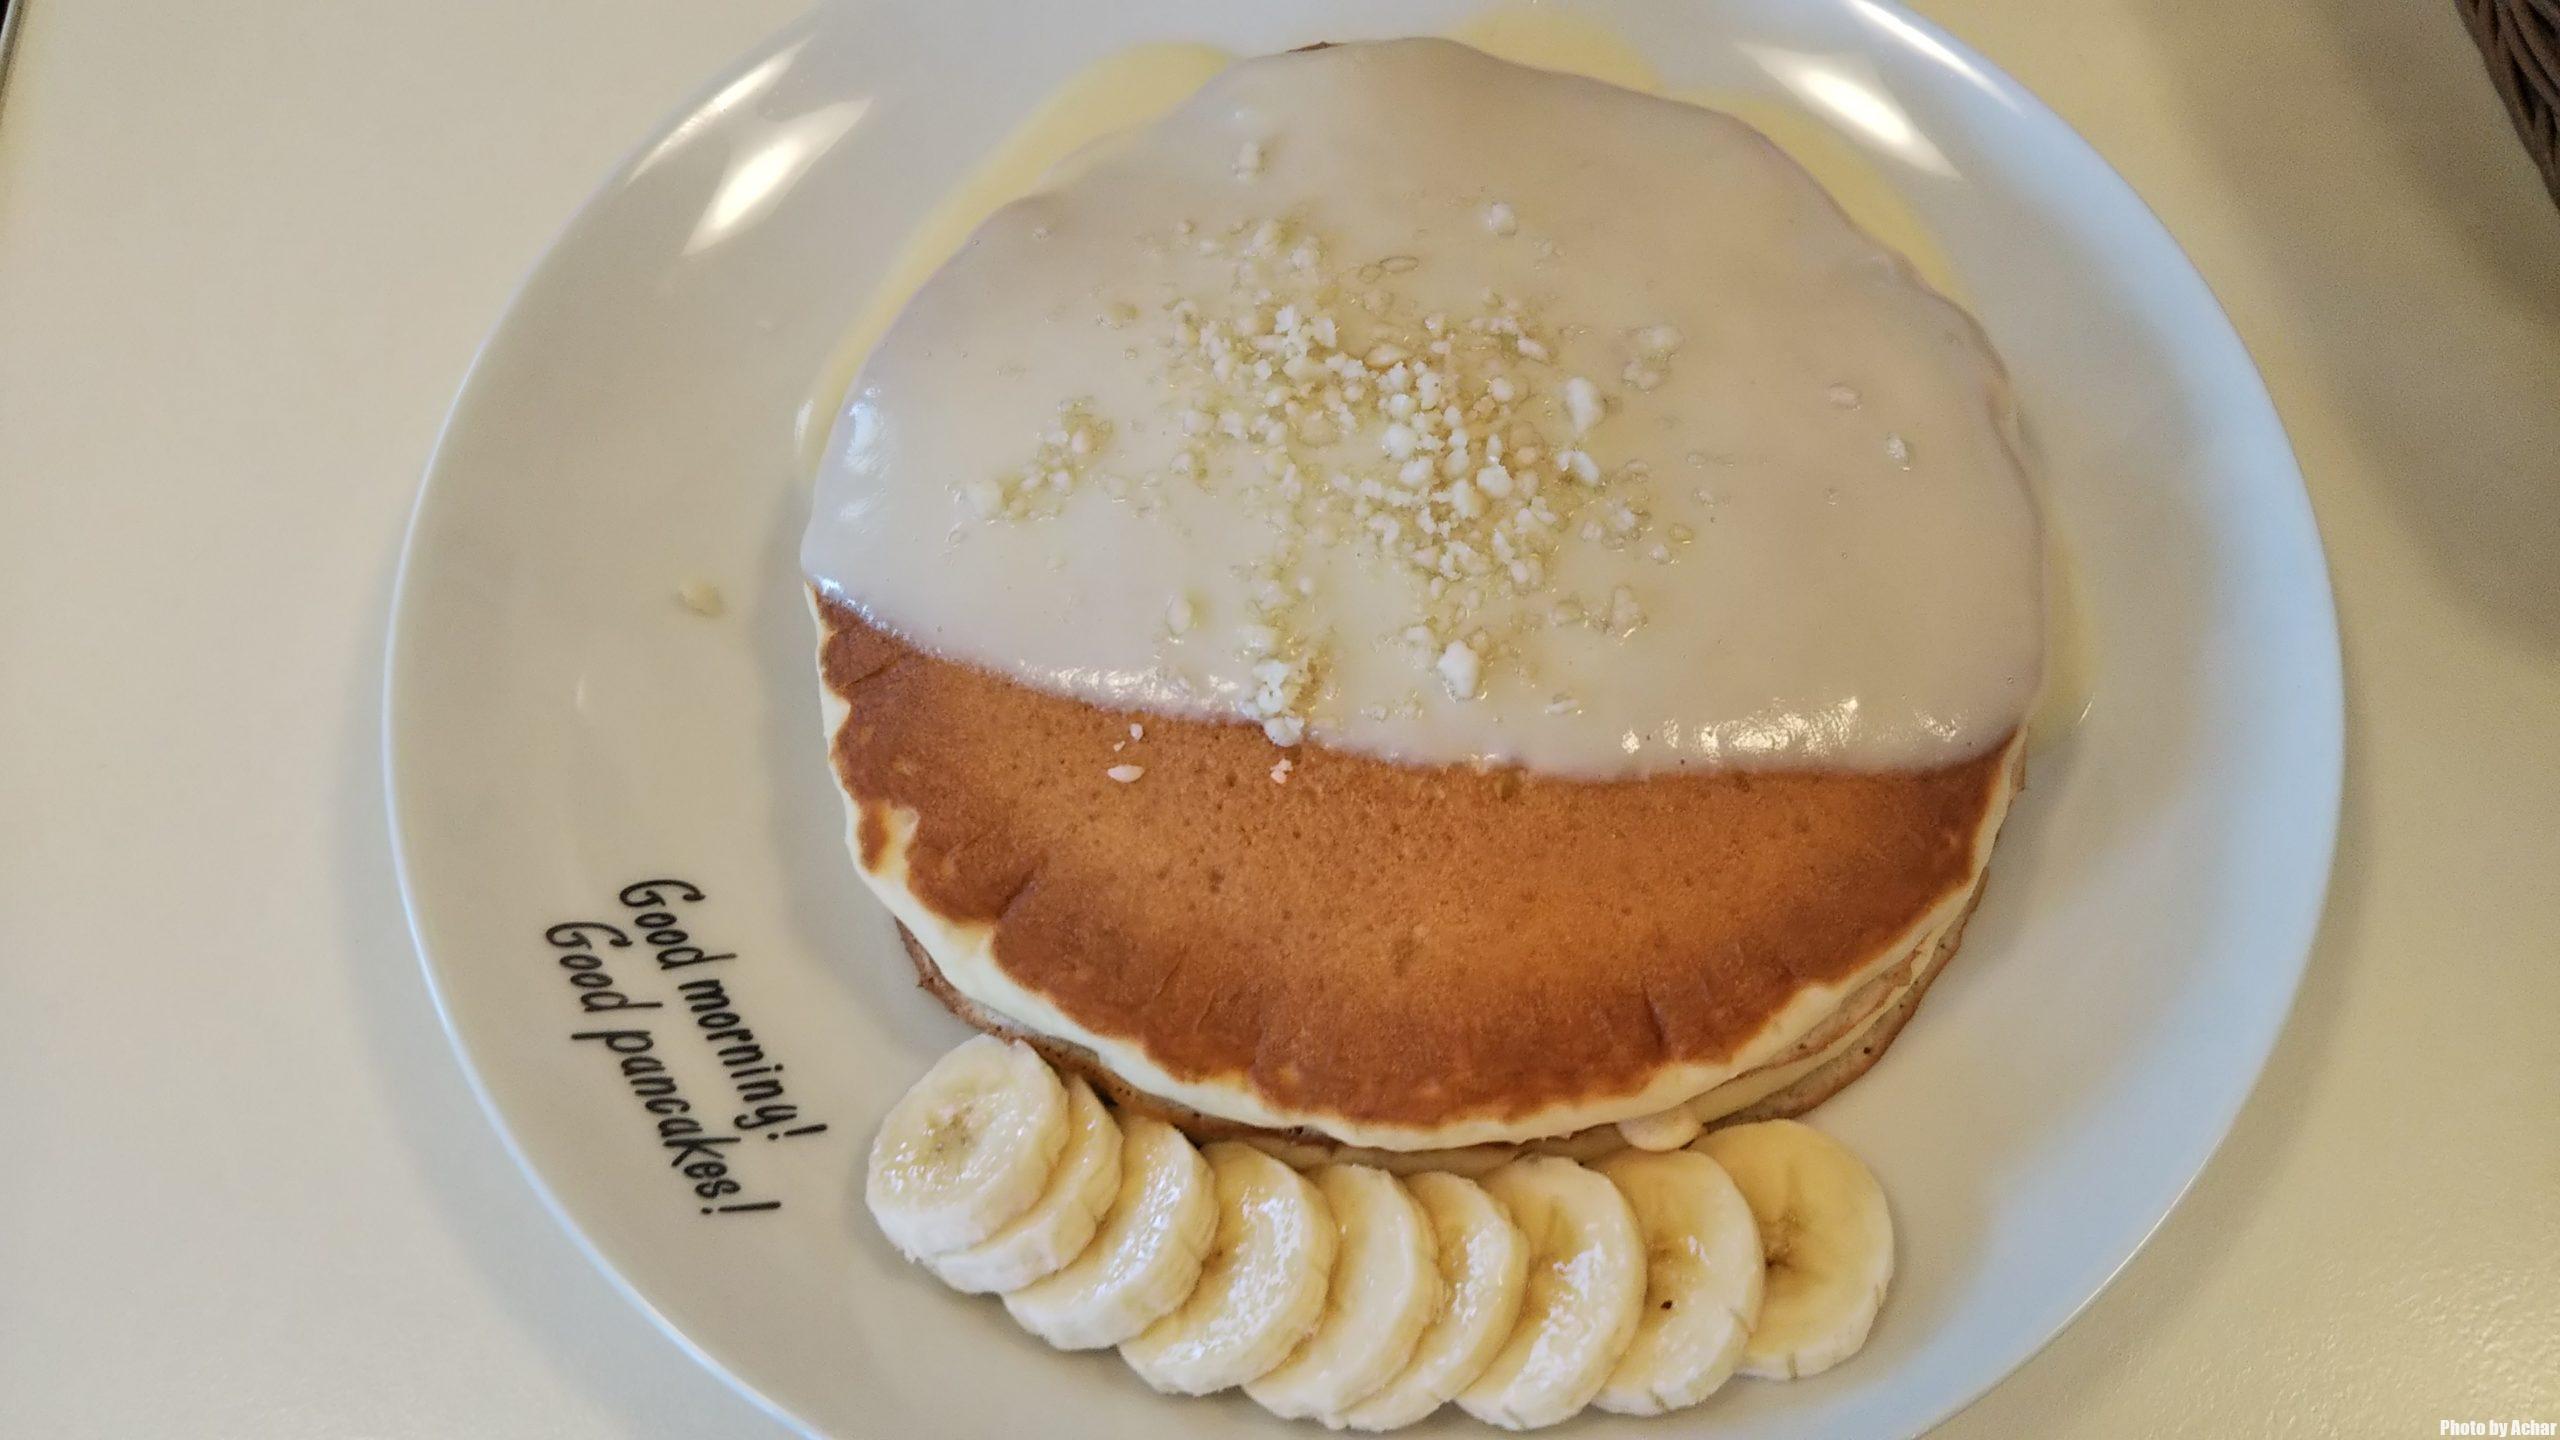 ナッツナッツパンケーキ